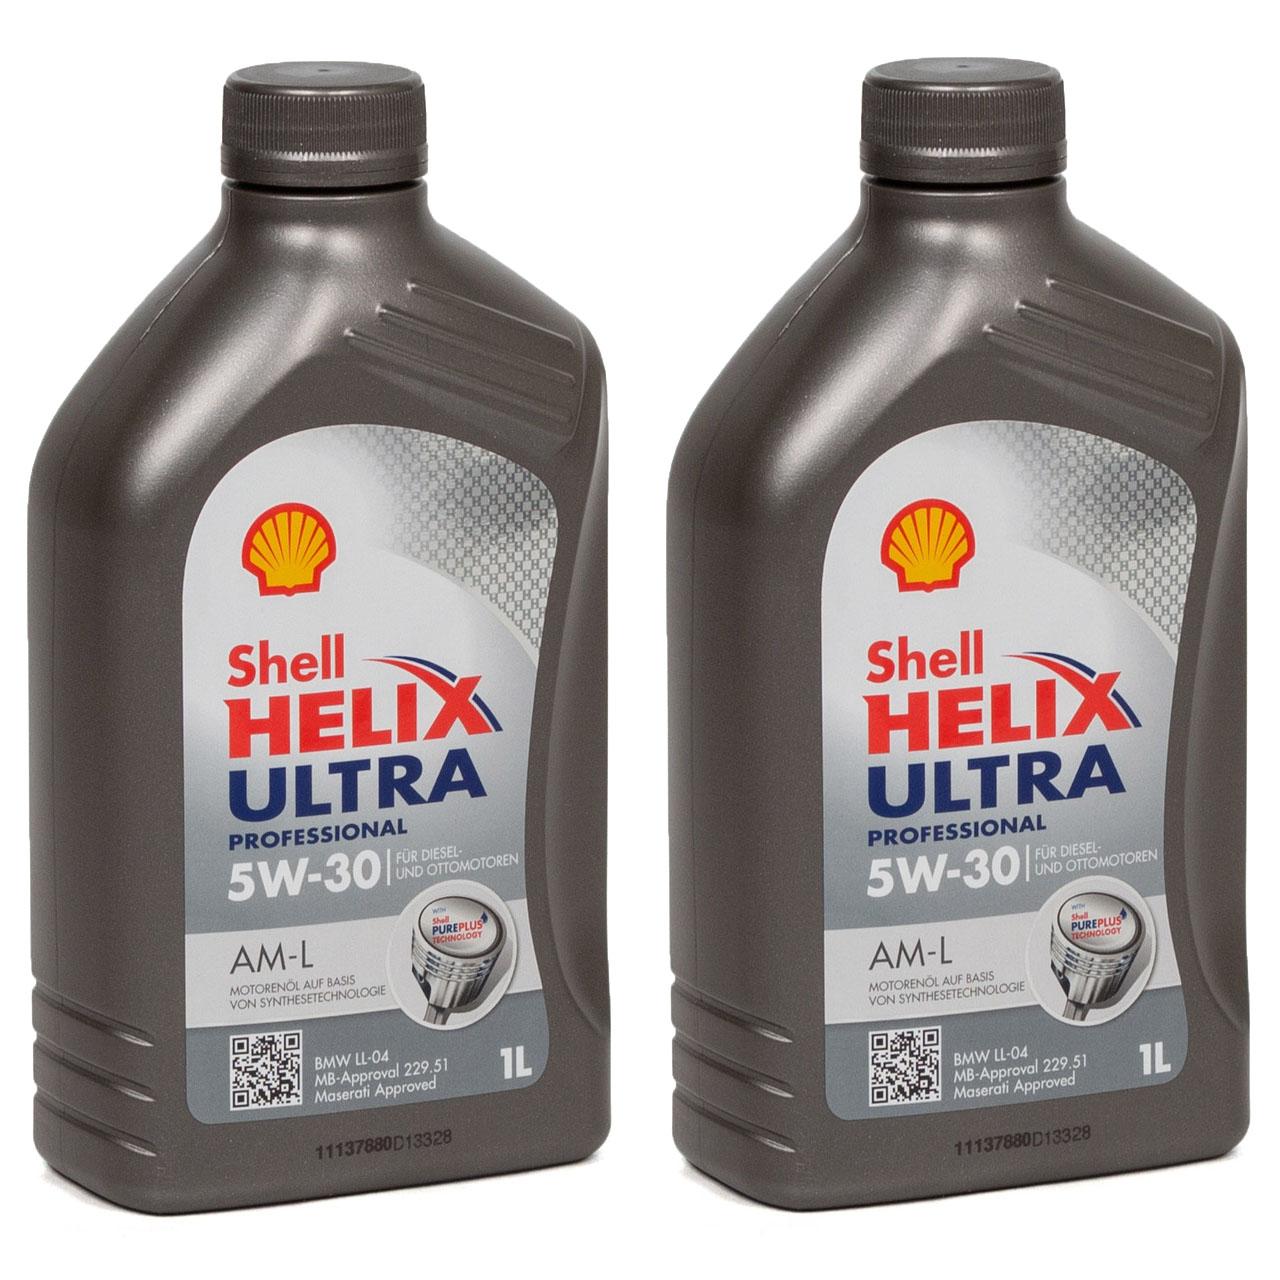 SHELL Motoröl Öl HELIX ULTRA Professional AM-L 5W30 für BMW LL-04 - 2L 2 Liter